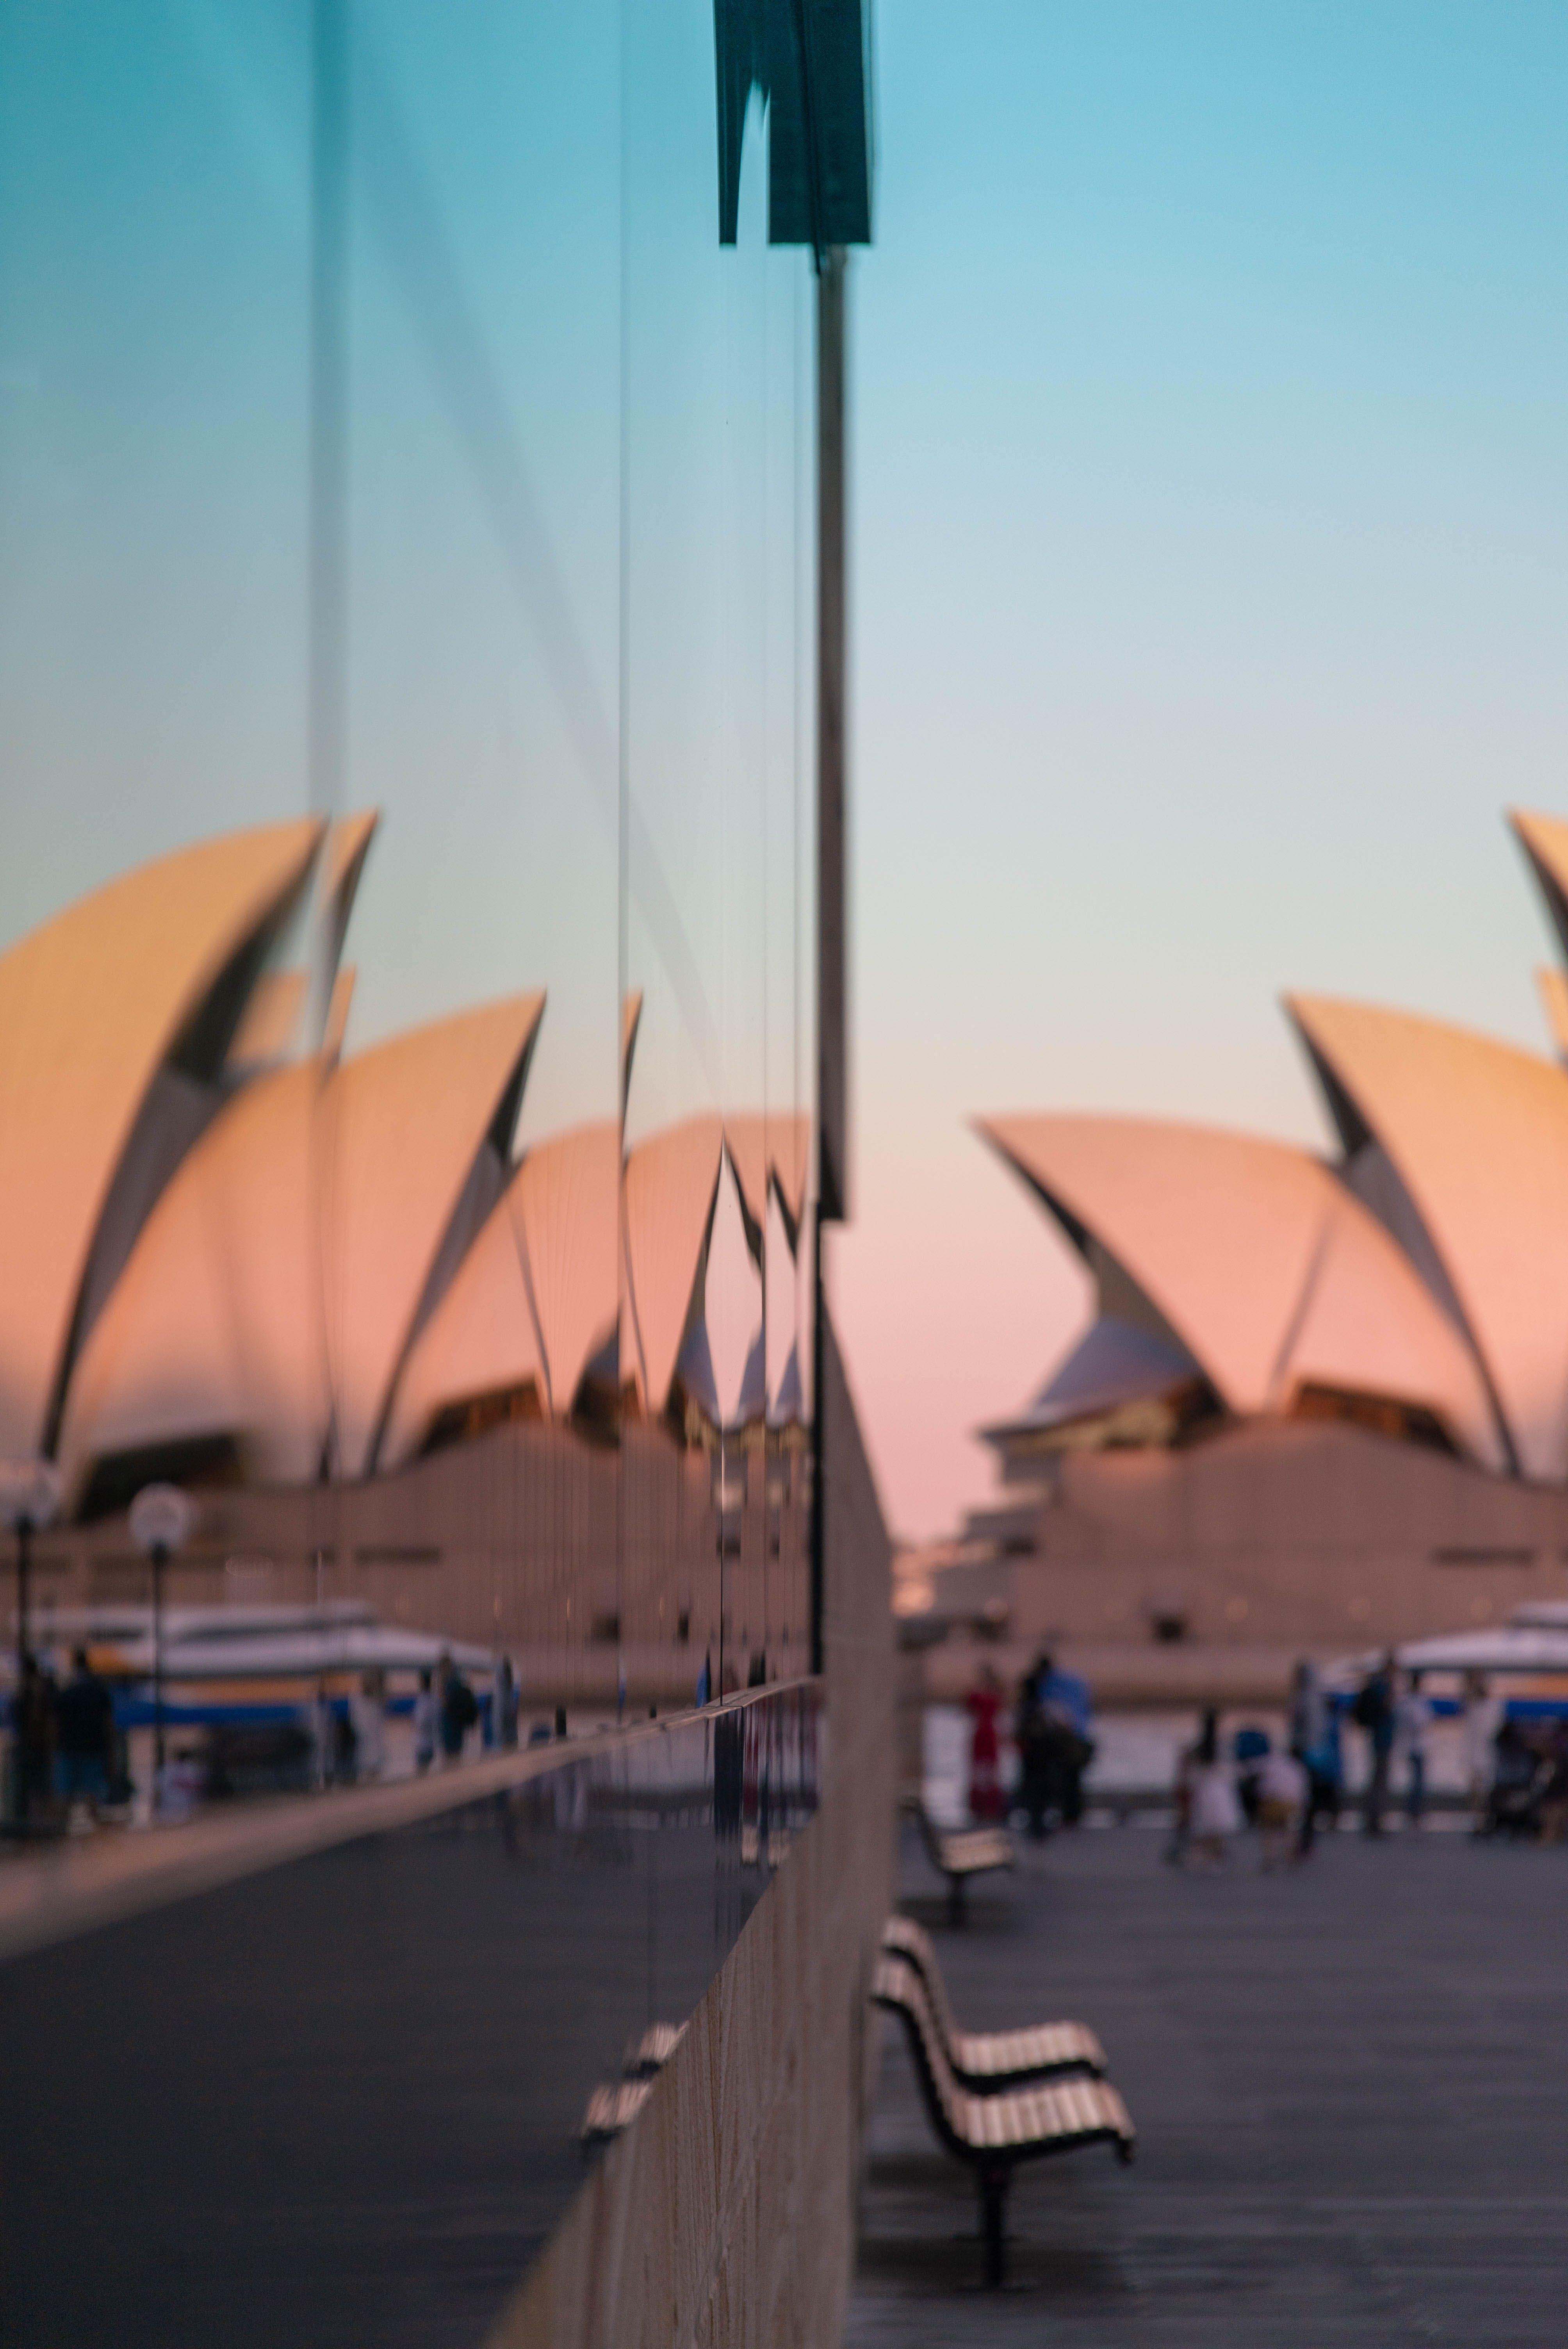 Δωρεάν στοκ φωτογραφιών με αντανάκλαση, αρχιτεκτονική, Αυστραλία, κτήριο